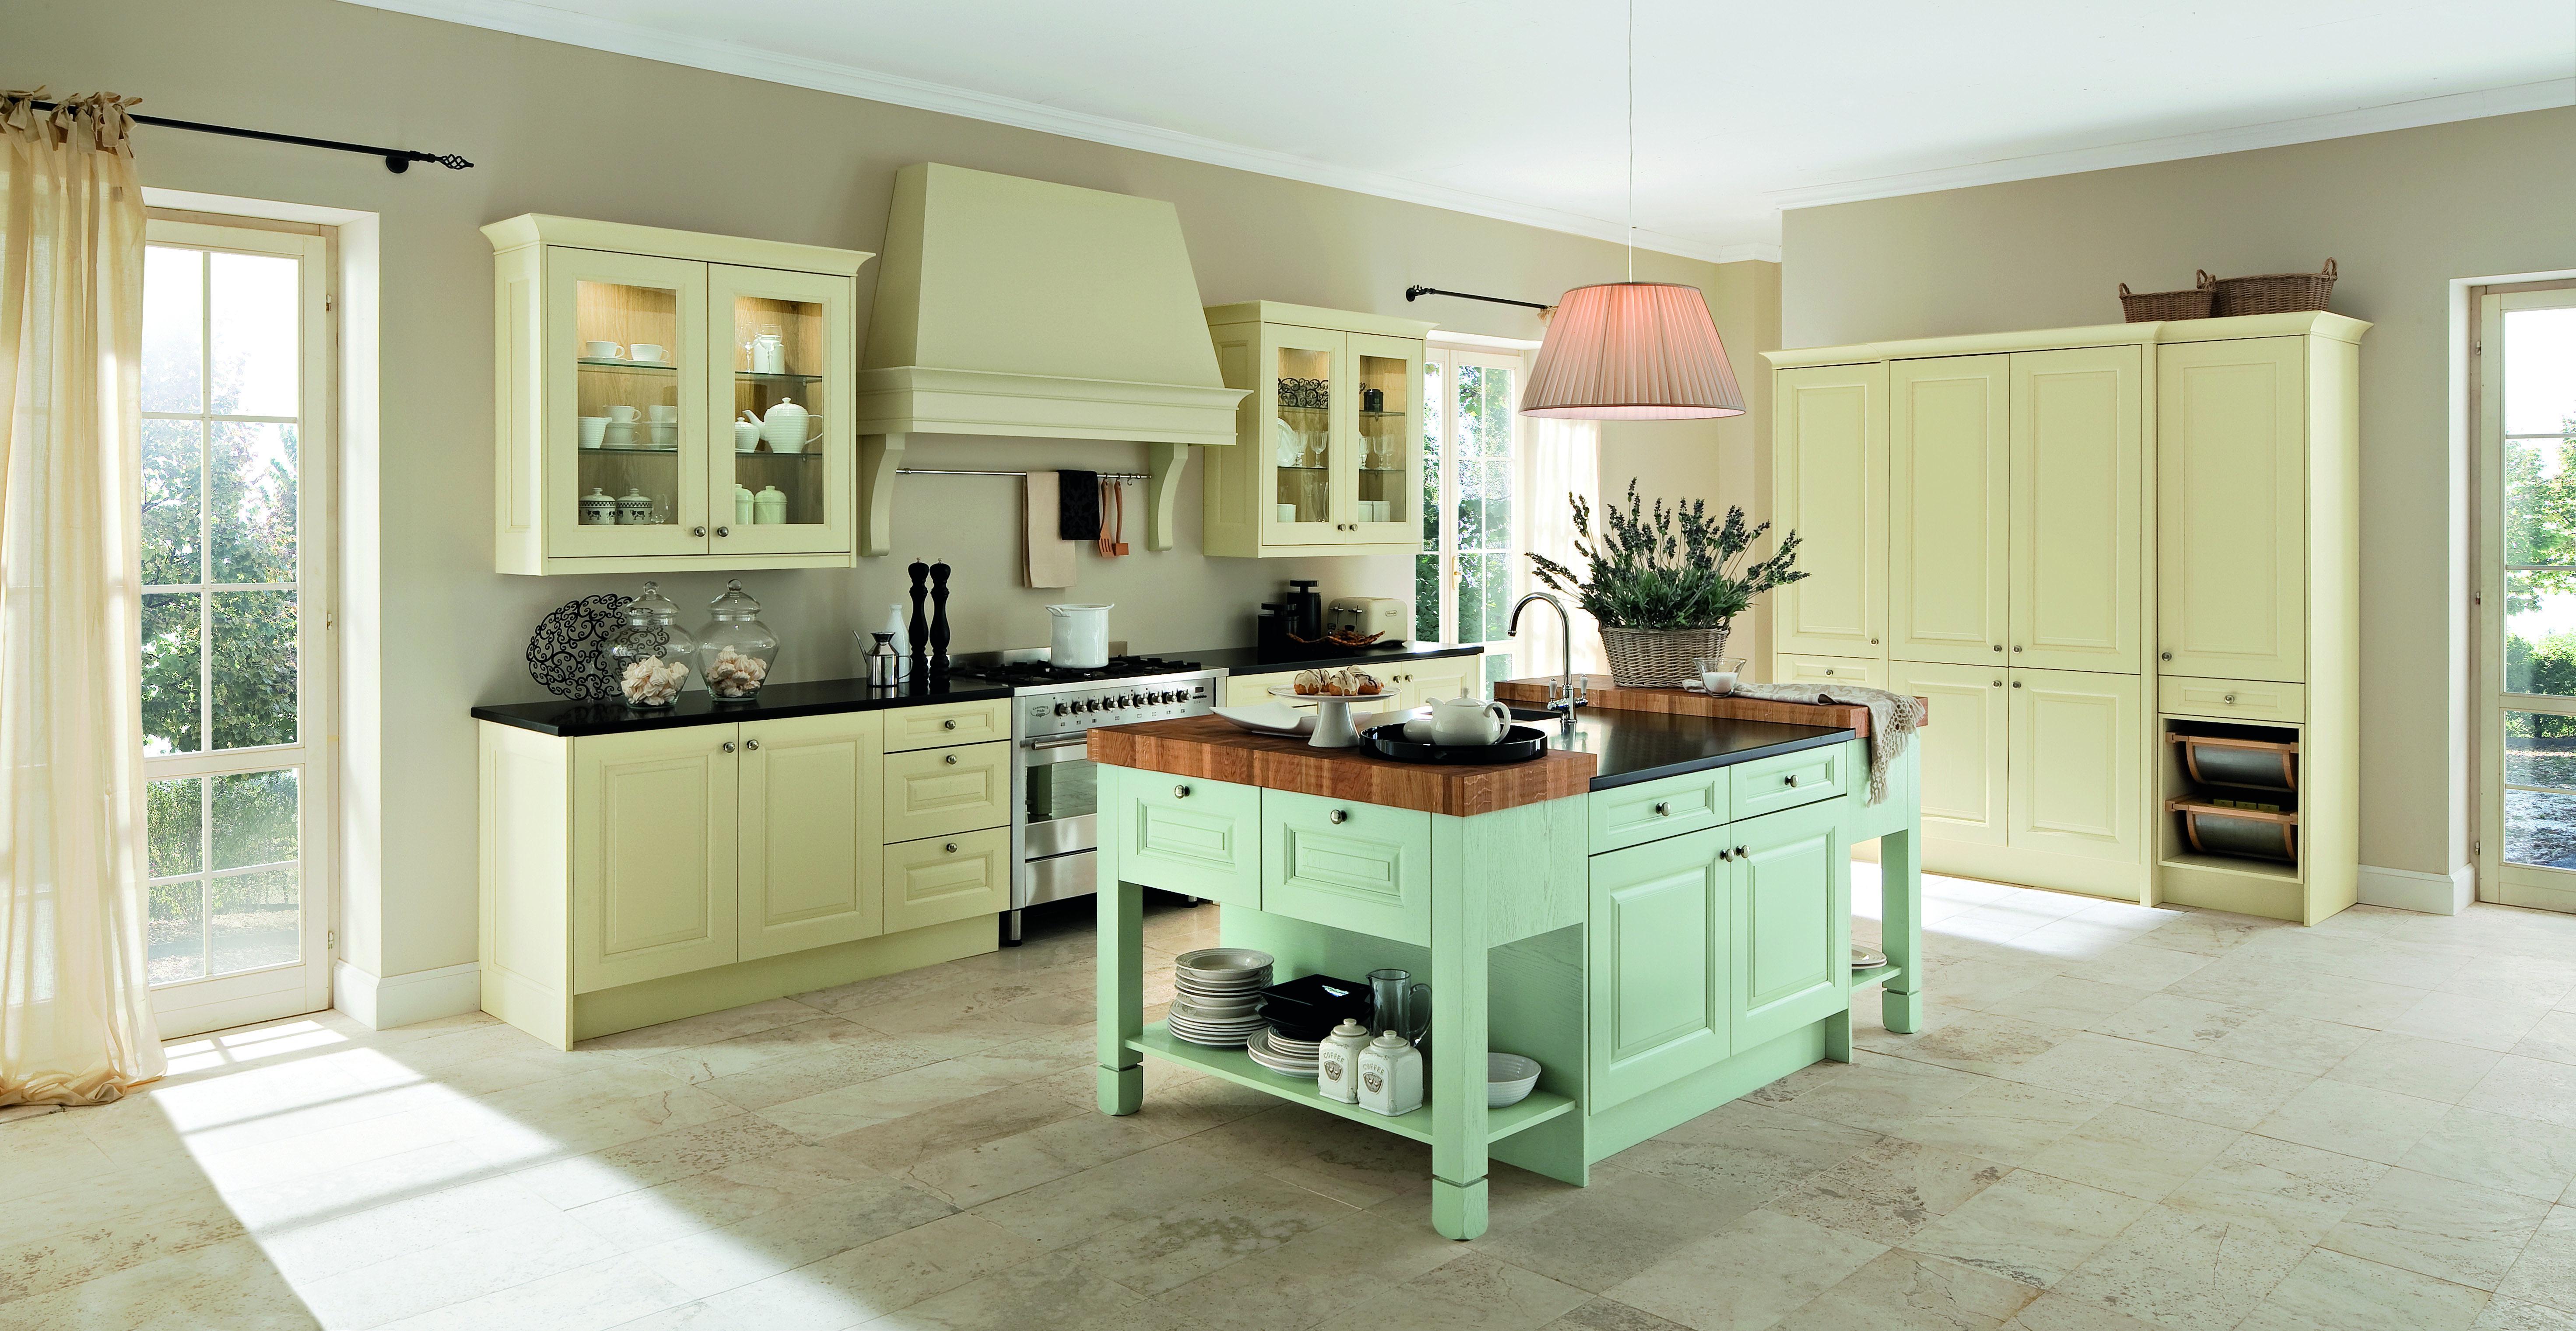 Küchenideen graue wände kitchen accessories ideas  teal kitchen decor  pinterest  design